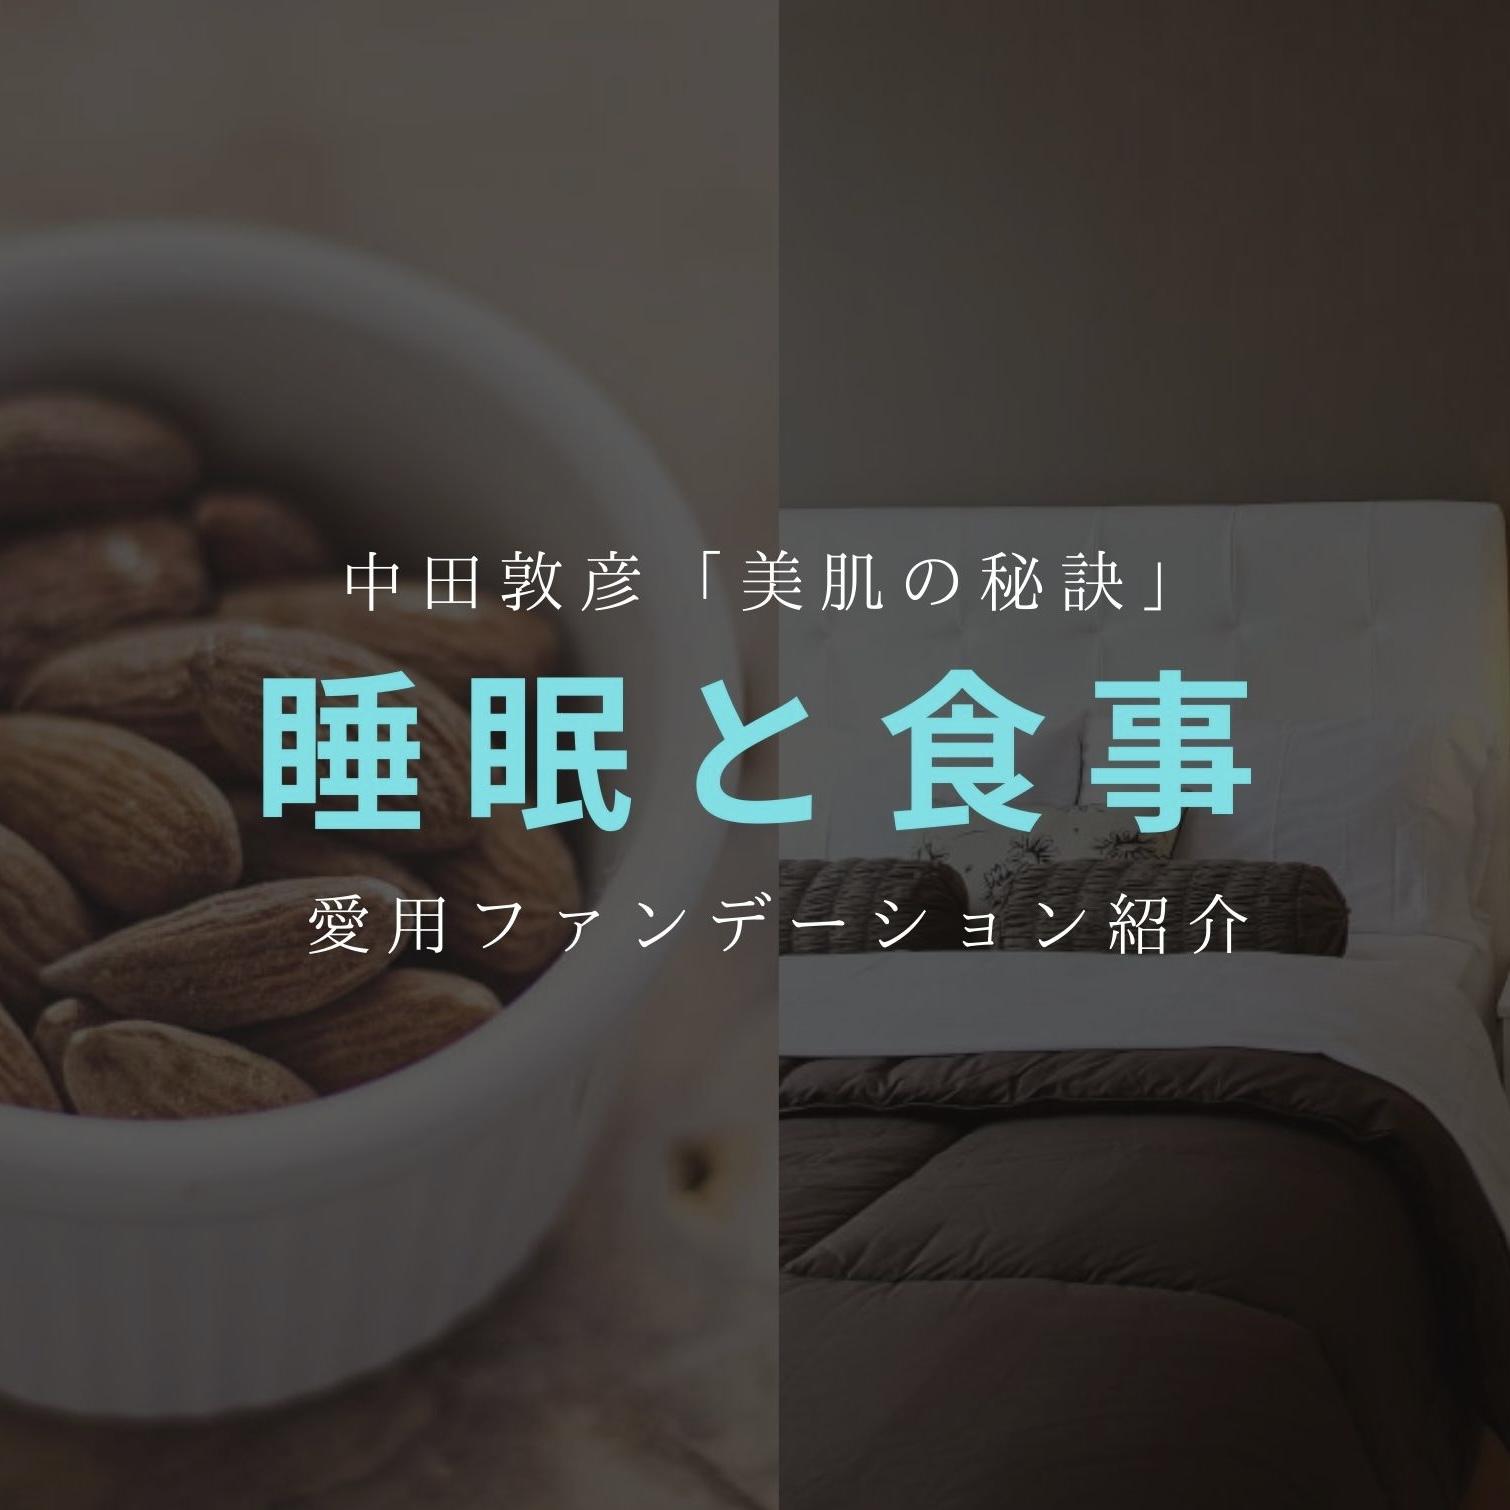 【中田敦彦】美肌の理由は「食事と睡眠の質」撮影で使っているファンデーションも紹介!